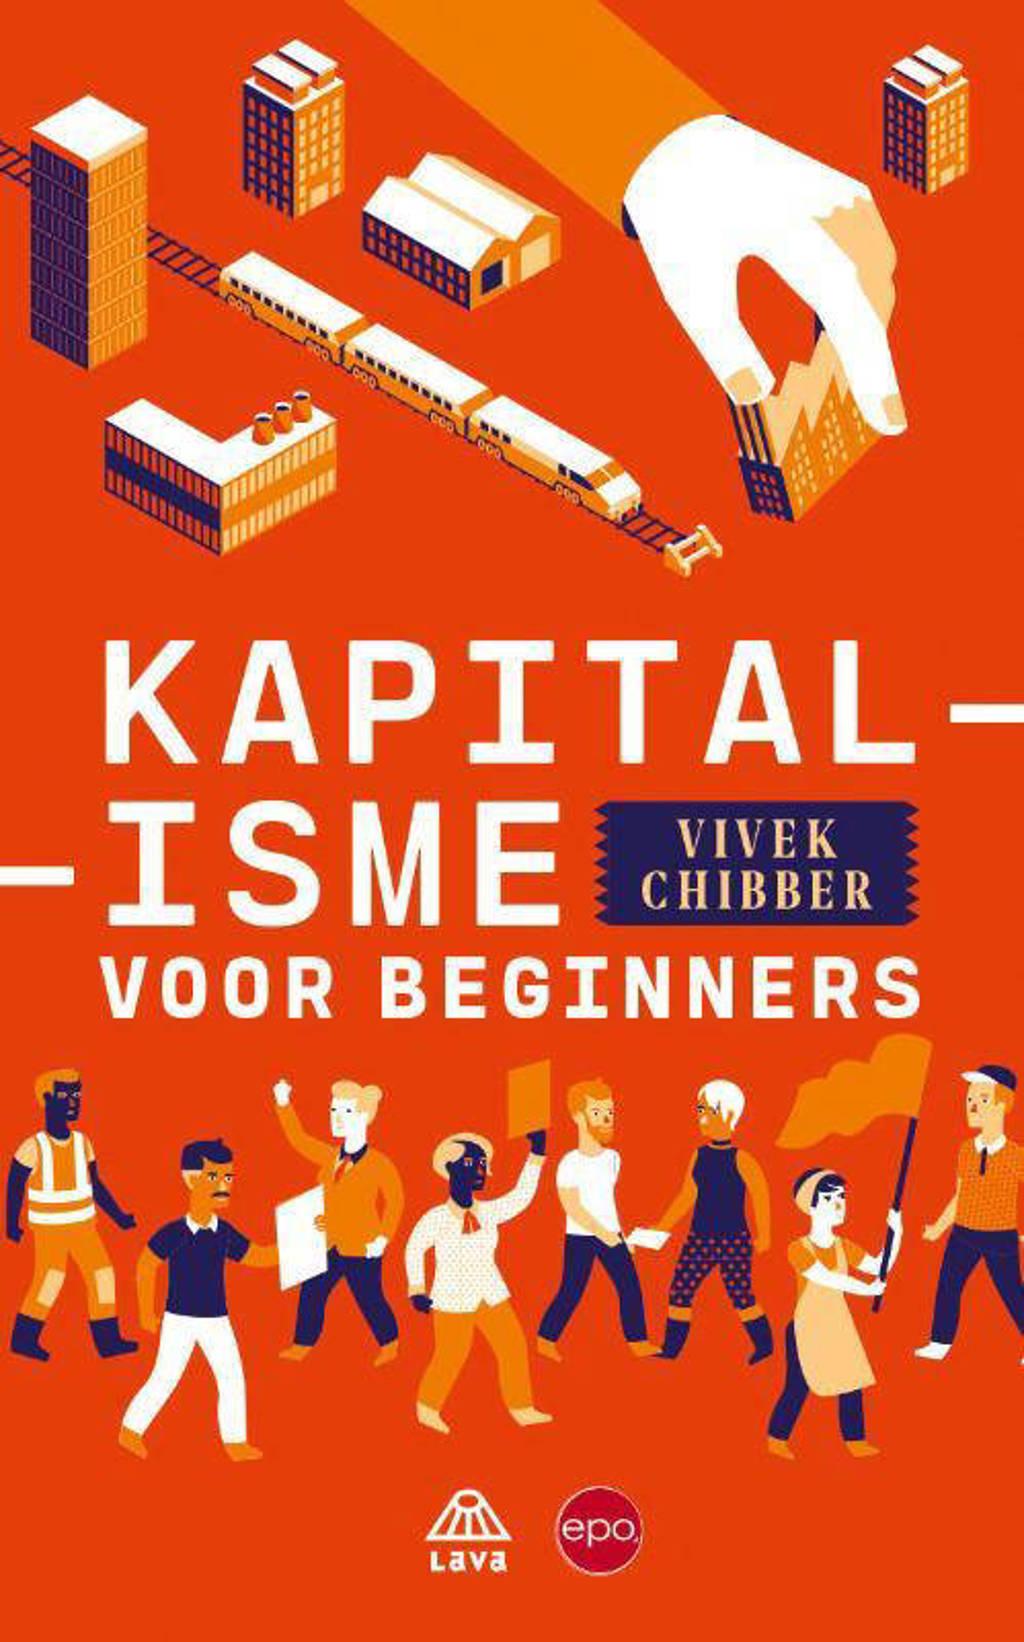 Kapitalisme voor beginners - Vivek Chibber